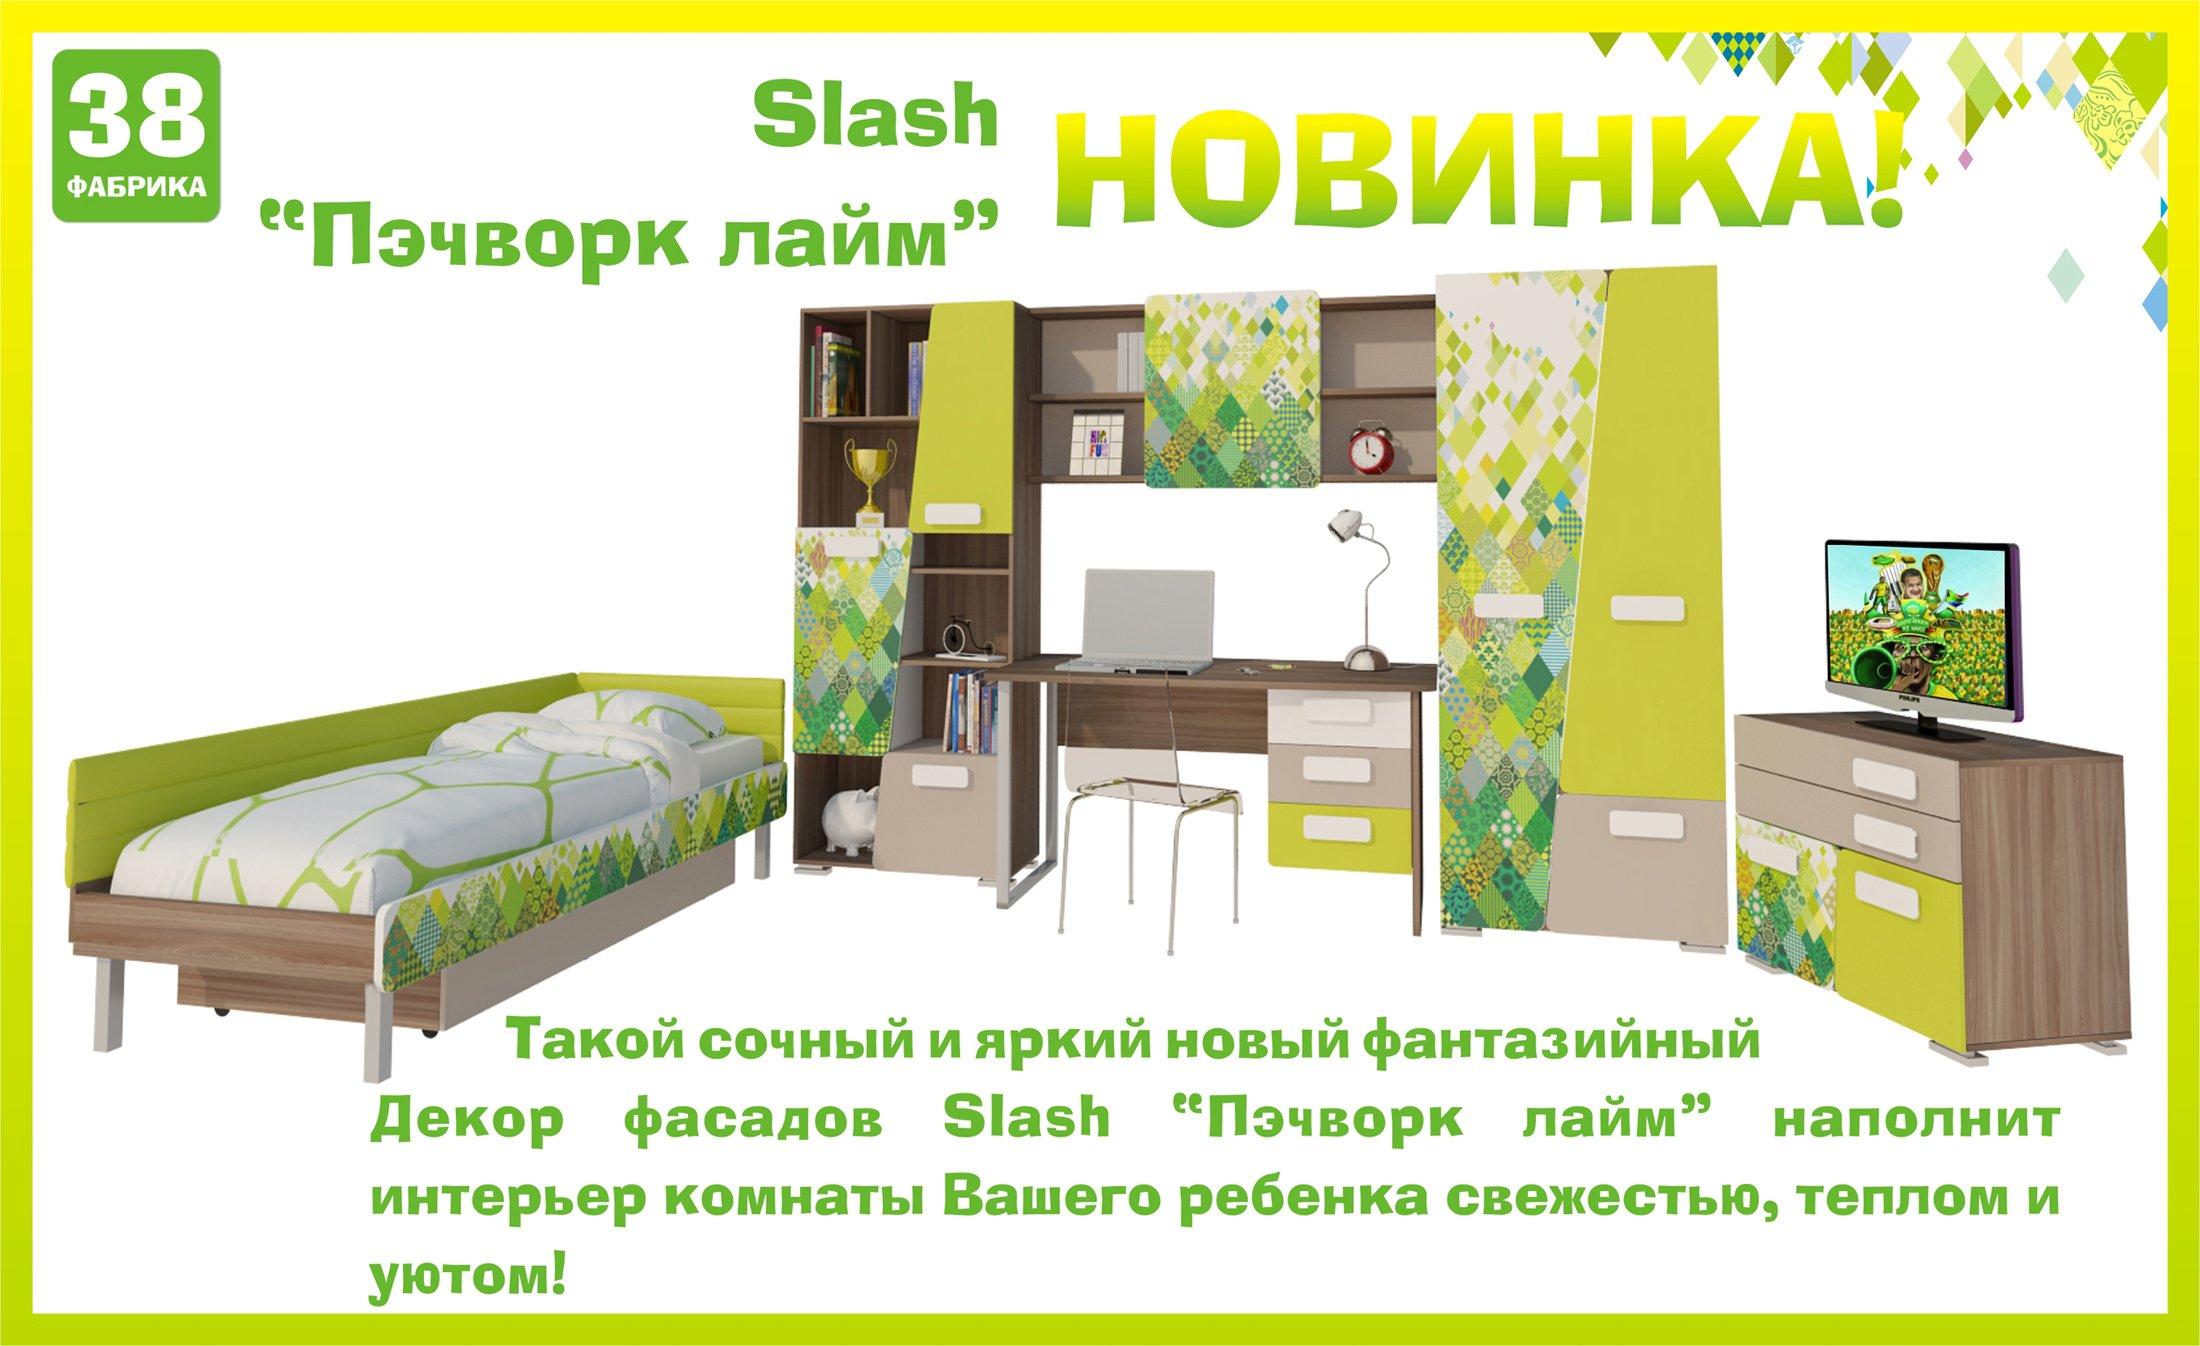 http://online-magazin-mebeli.ru/images/upload/772-pyechvork-lajm.jpg